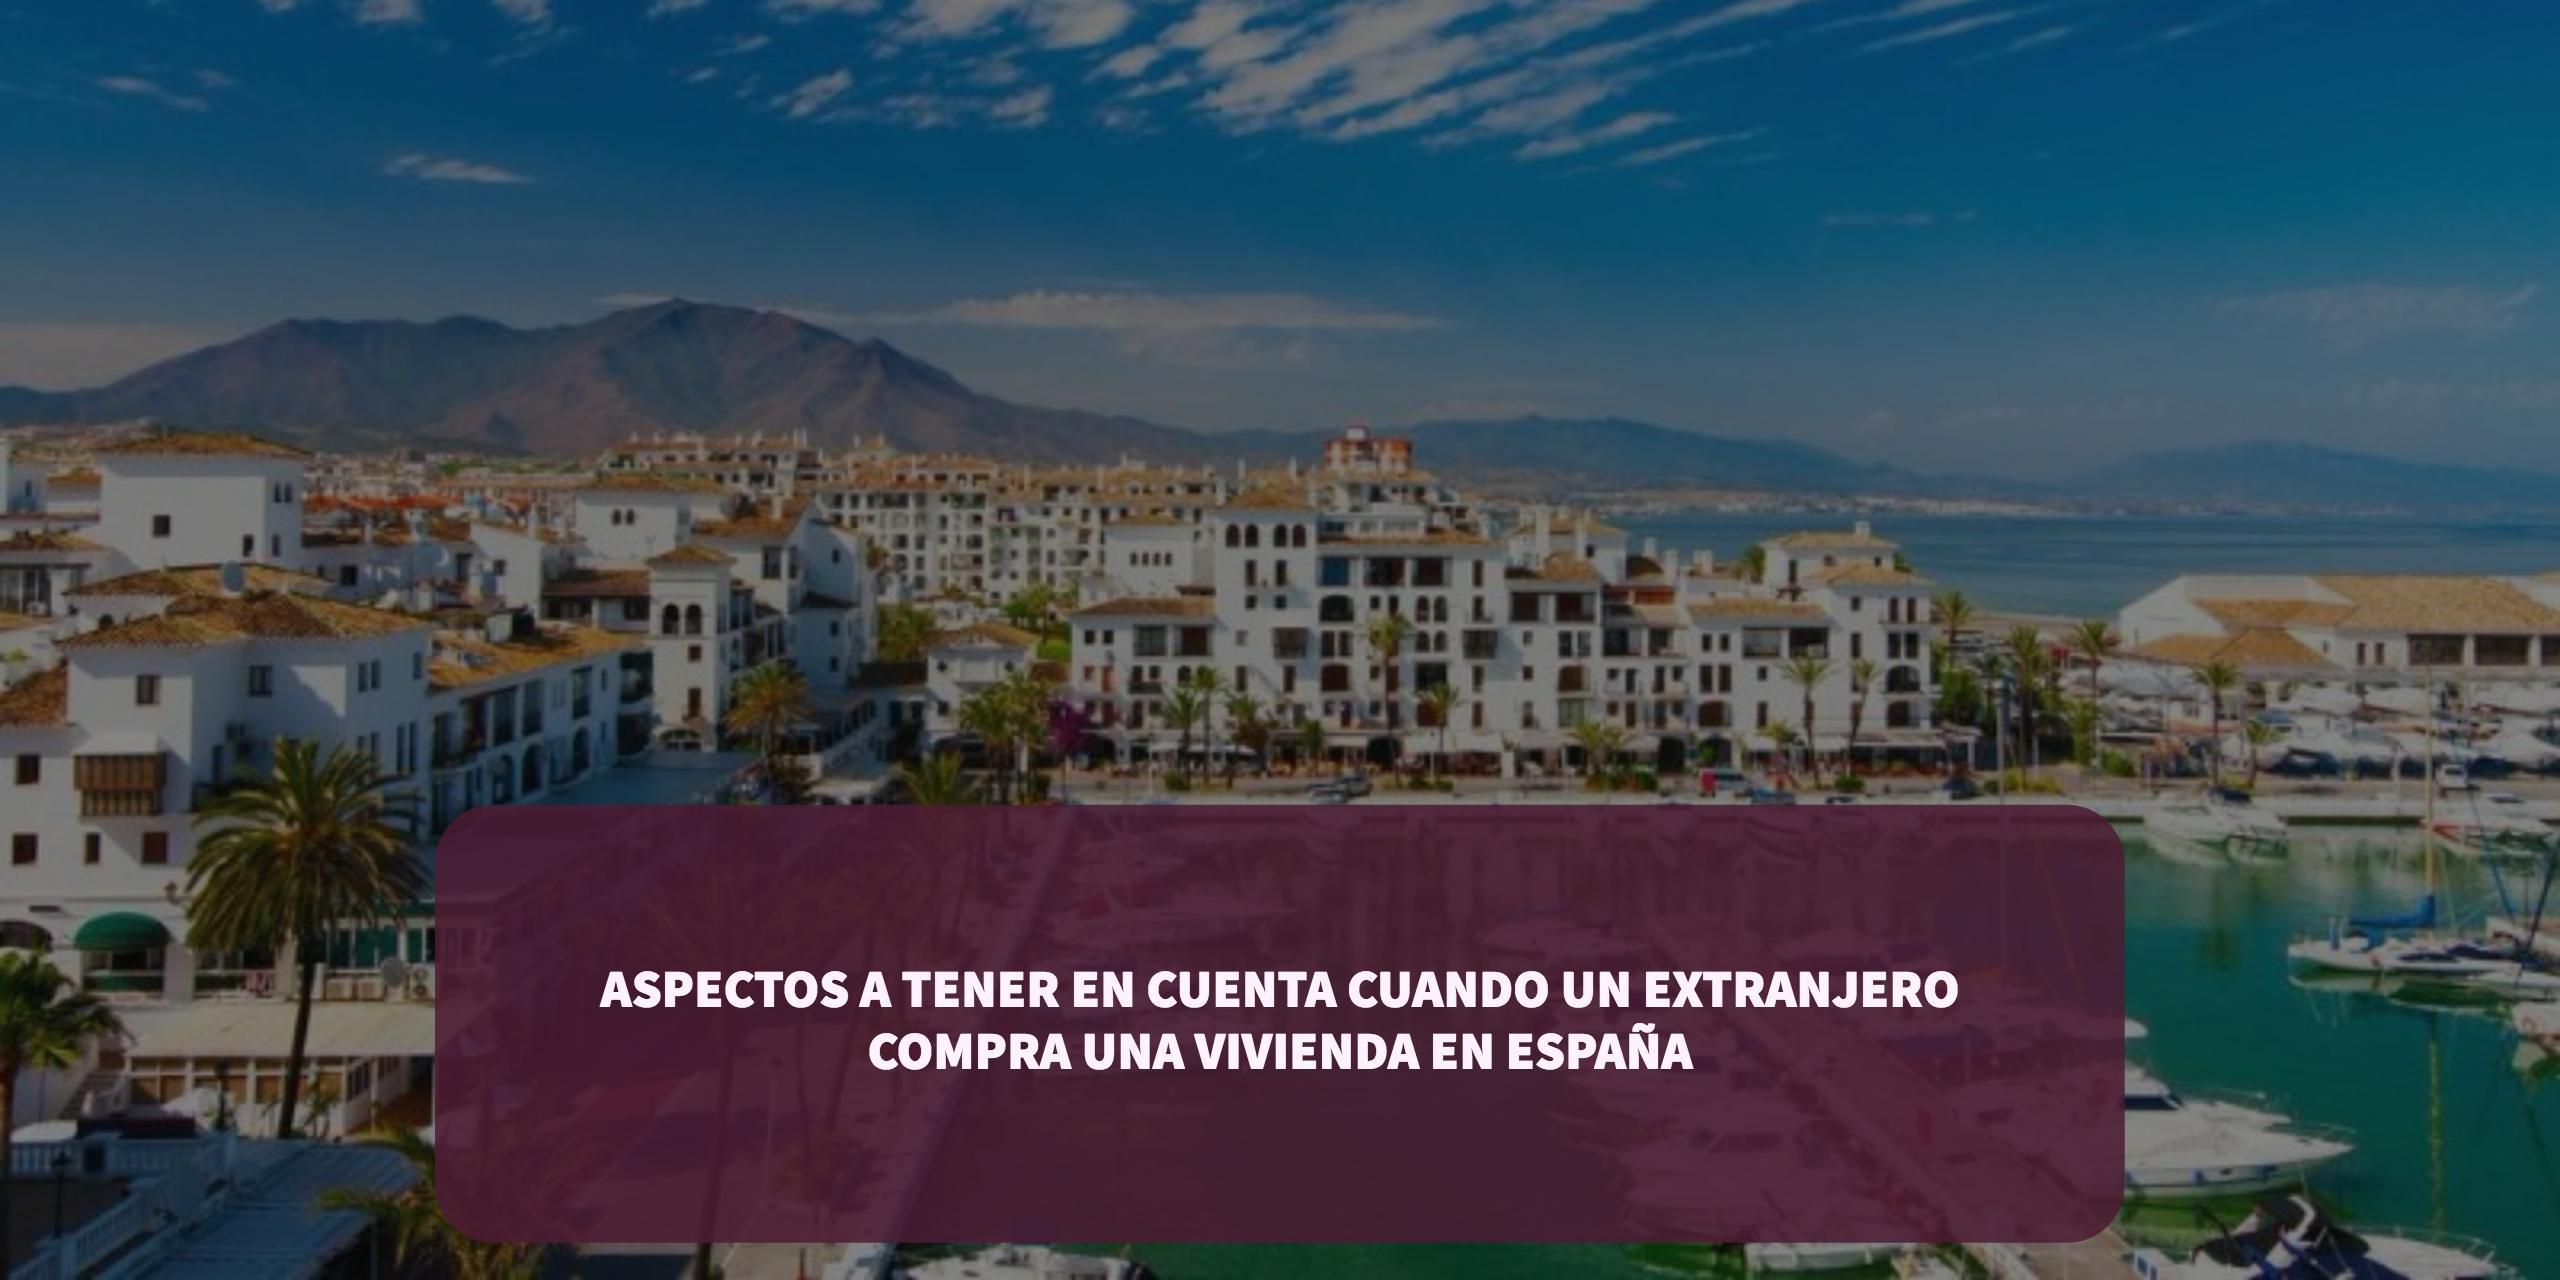 Aspectos a tener en cuenta por un extranjero al comprar for Compra de casas en madrid